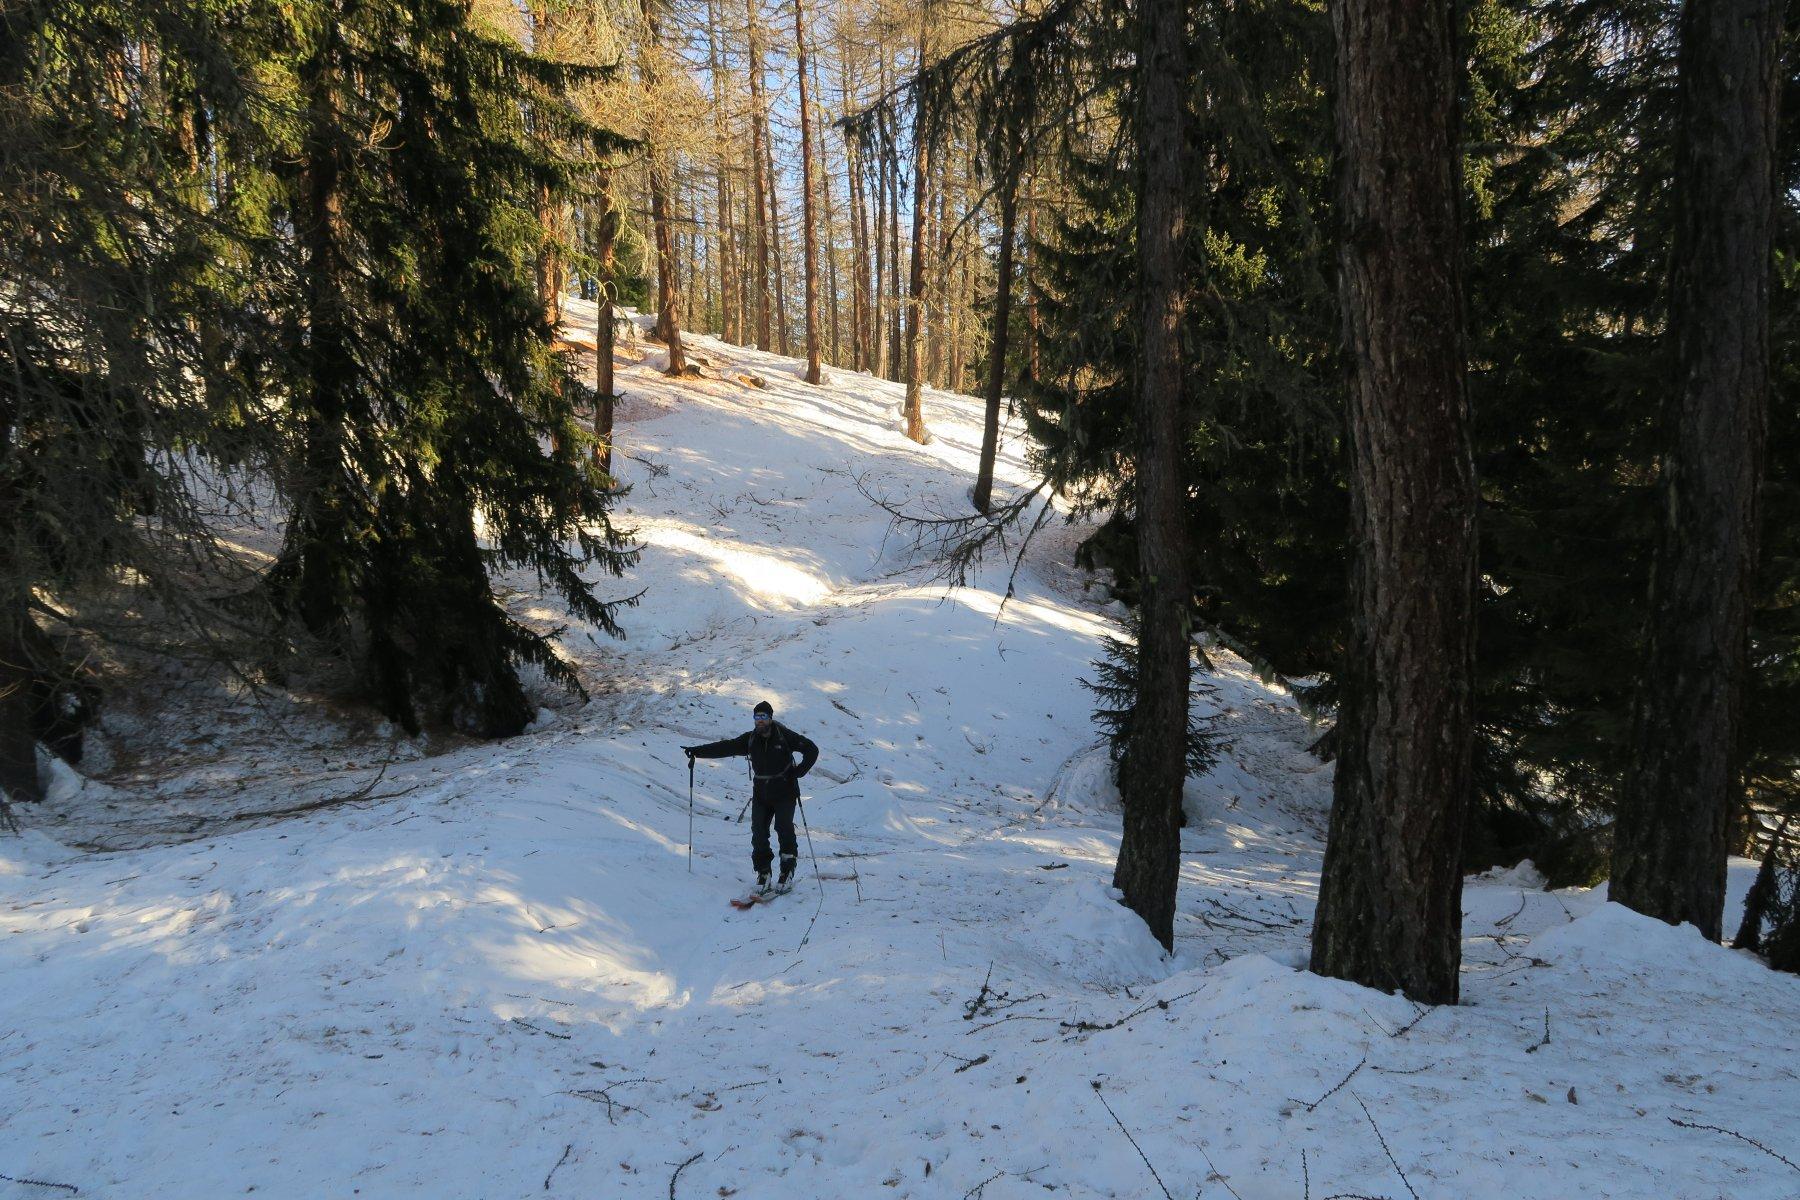 nel bosco dove sono presenti alcuni tratti di neve farinosa